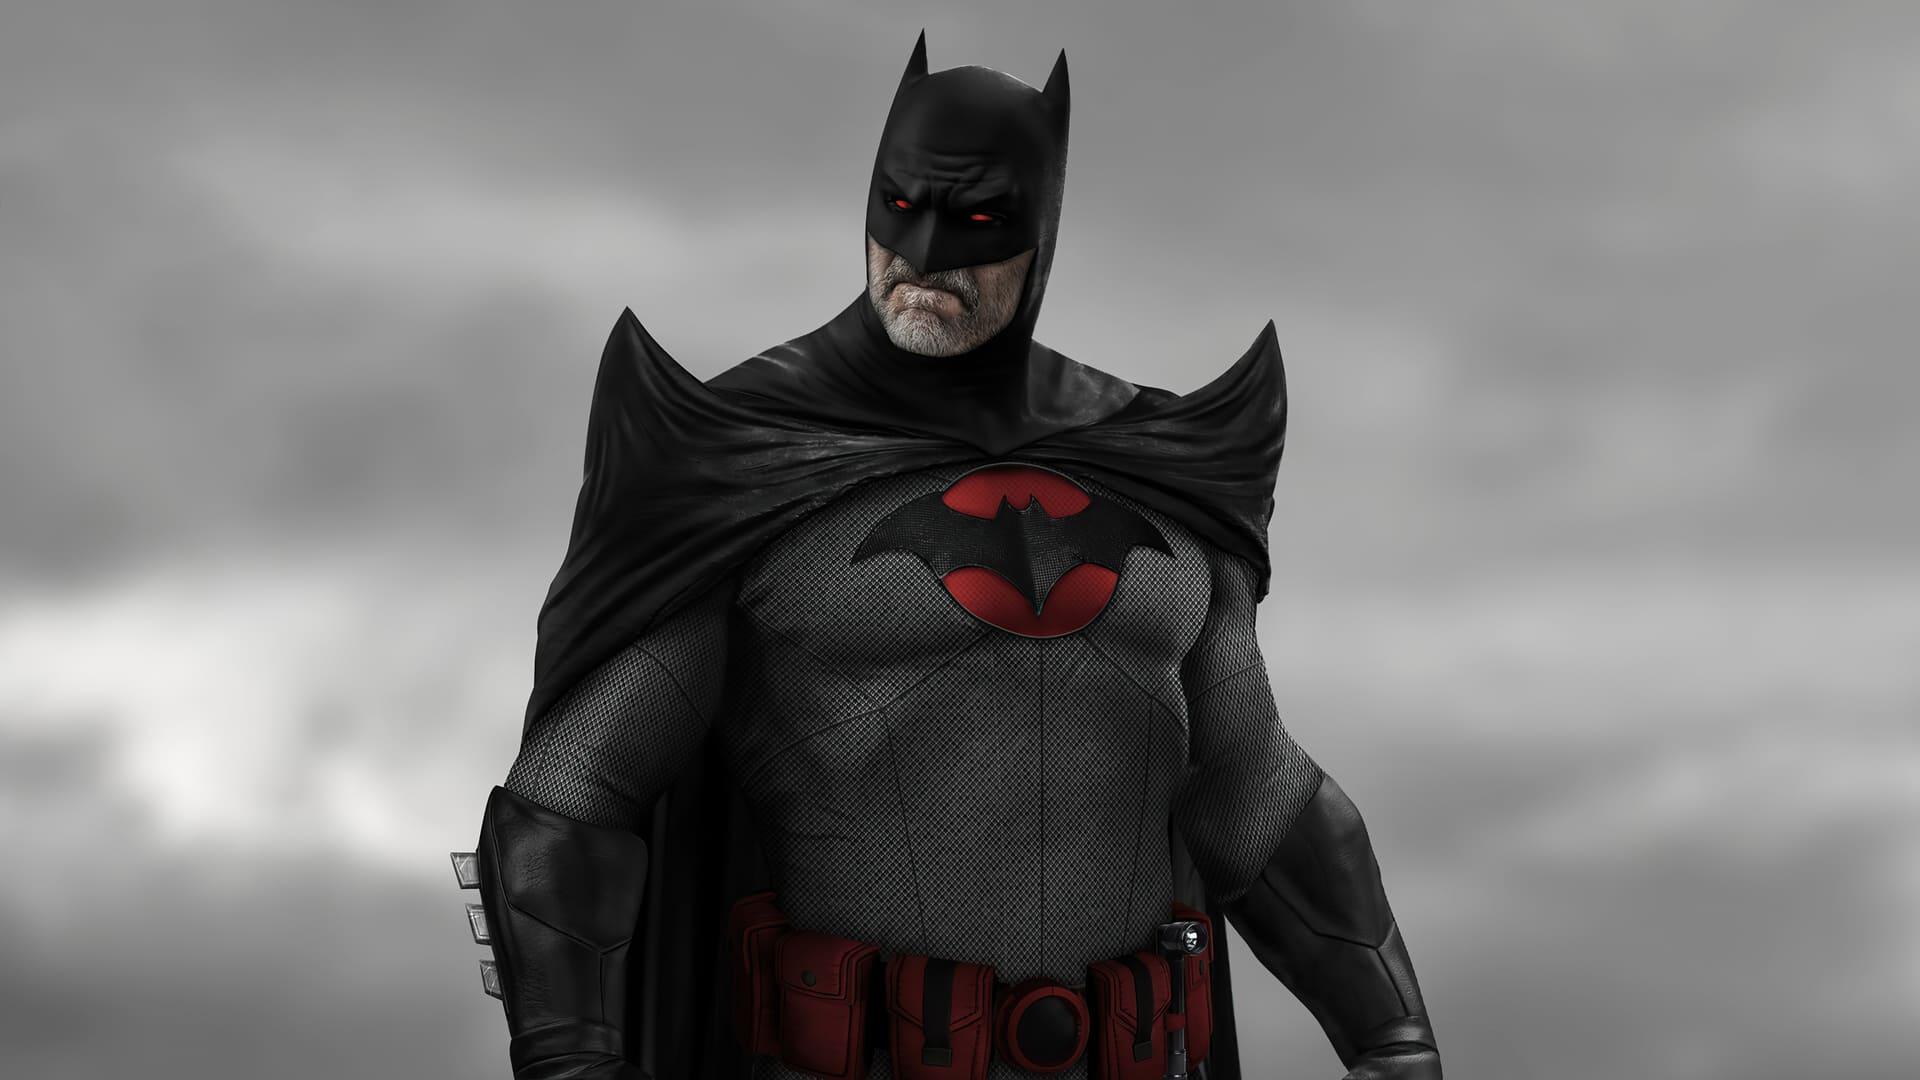 Batman Wallpapers Top 4k Background Download 80 Hd